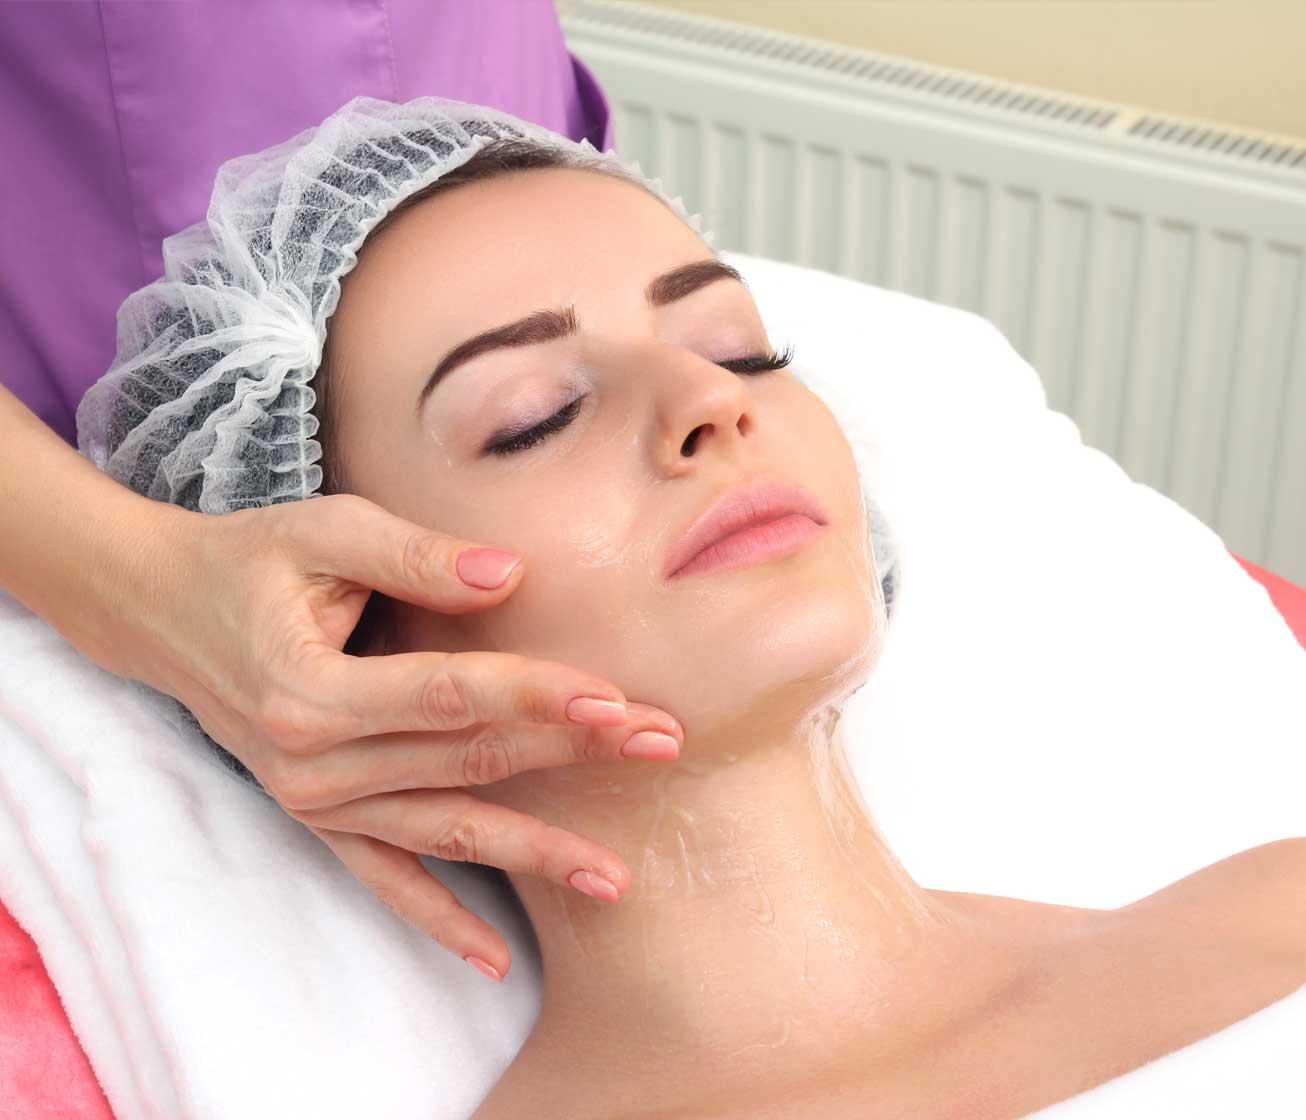 clinica-murcia-tratamiento-estetica-facial-www.clinicamasbermejo.com